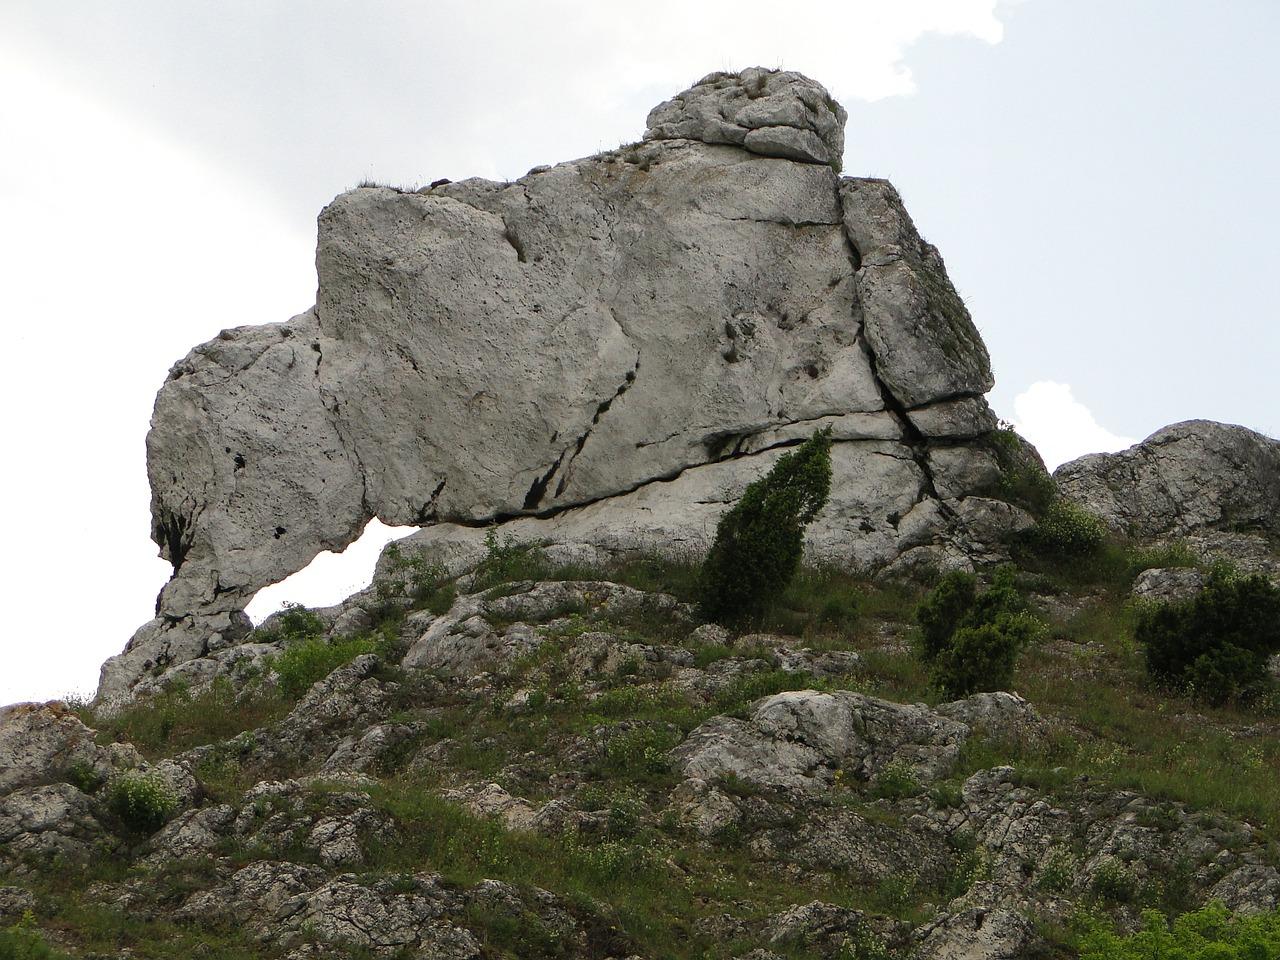 rock-443170_1280